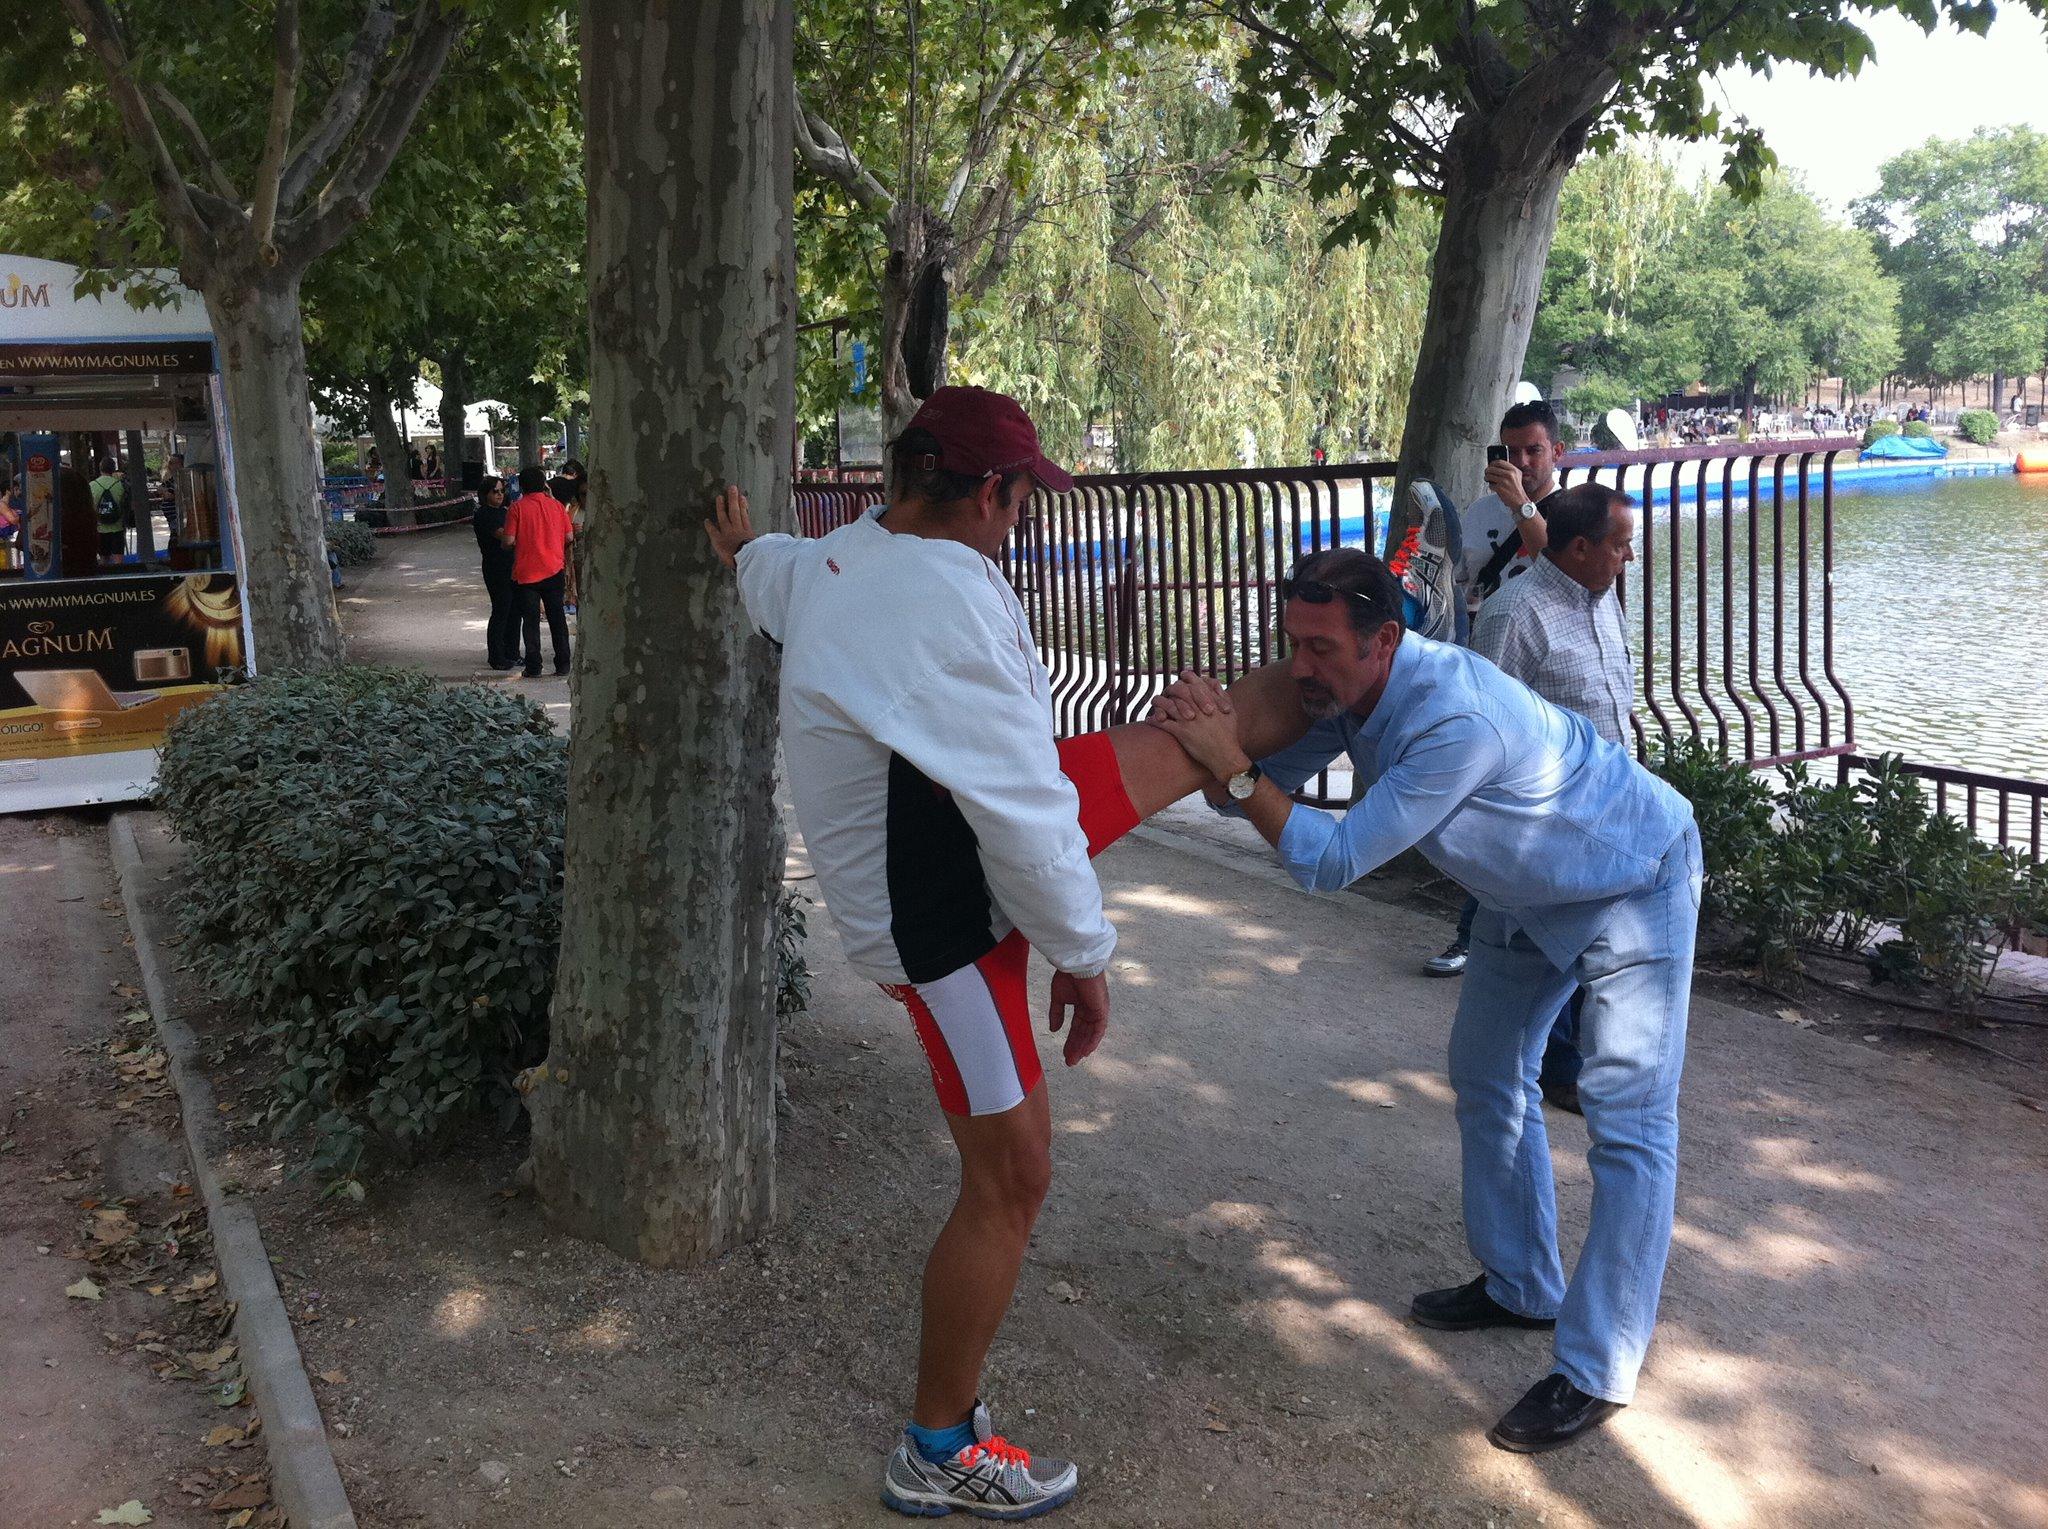 Dices tu de Contador? Vamos no Fastidies.. me rio yo... ;)